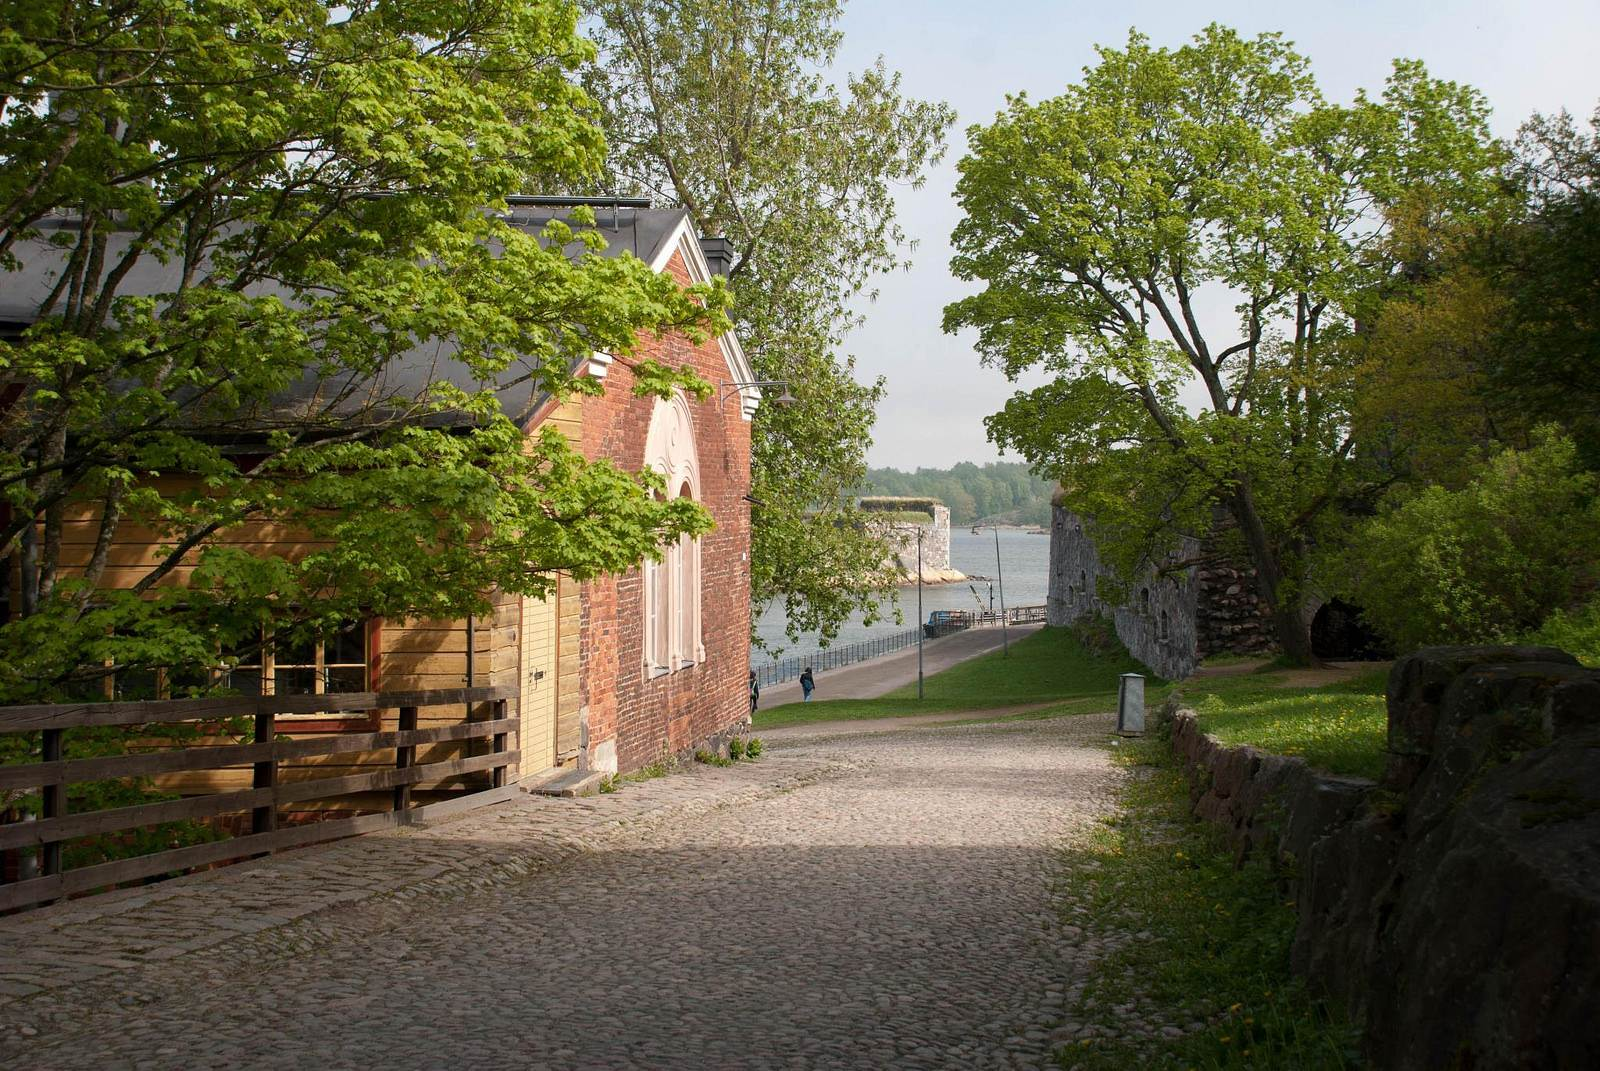 suomenlinna6 The Sea Fortress of Suomenlinna, Finland